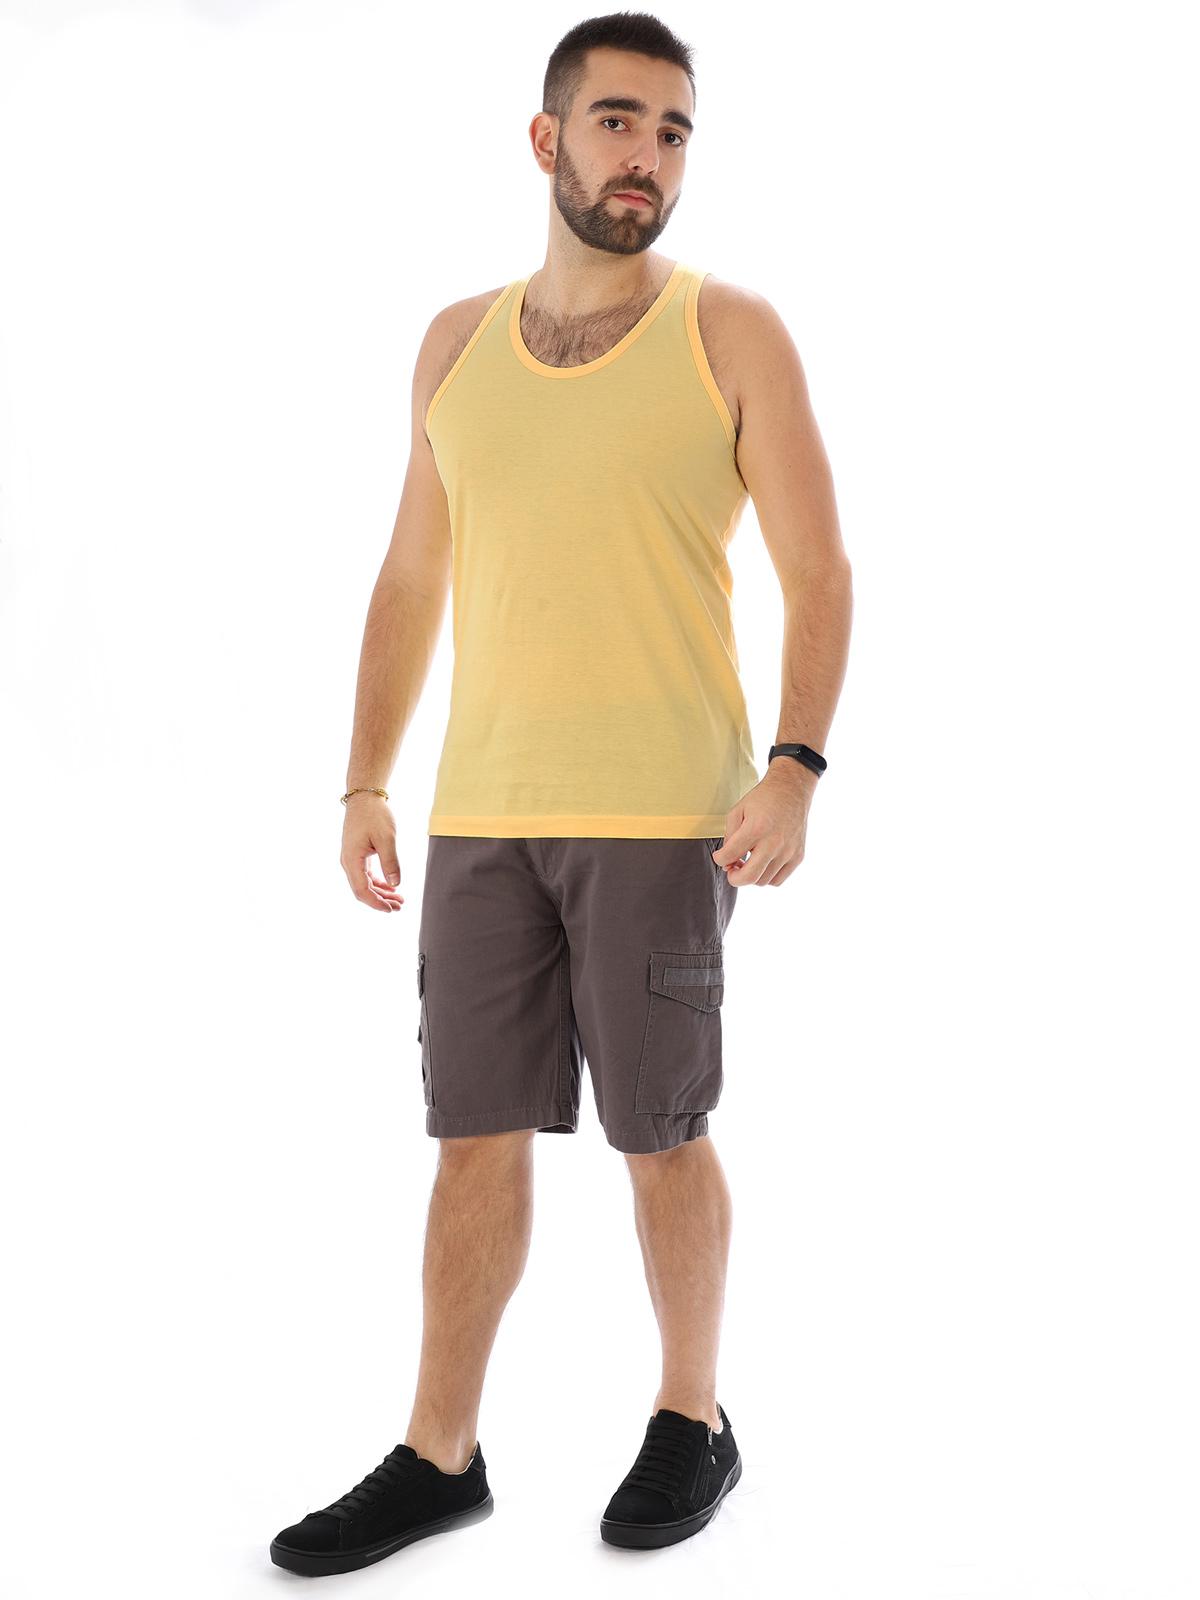 Regata Masculina Lisa Básica Tradicional Algodão Amarelo